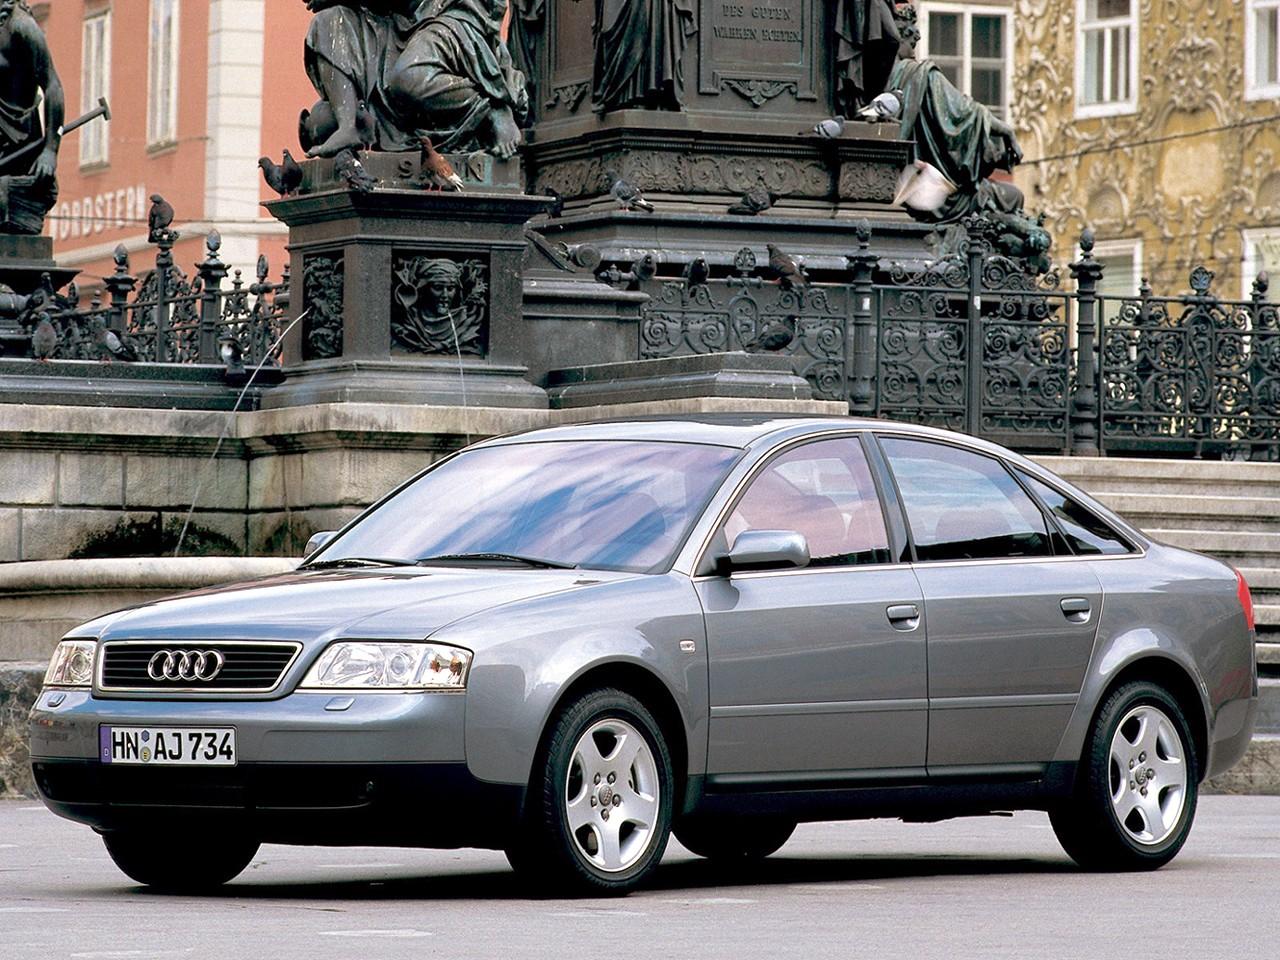 Kelebihan Kekurangan Audi A6 1999 Spesifikasi